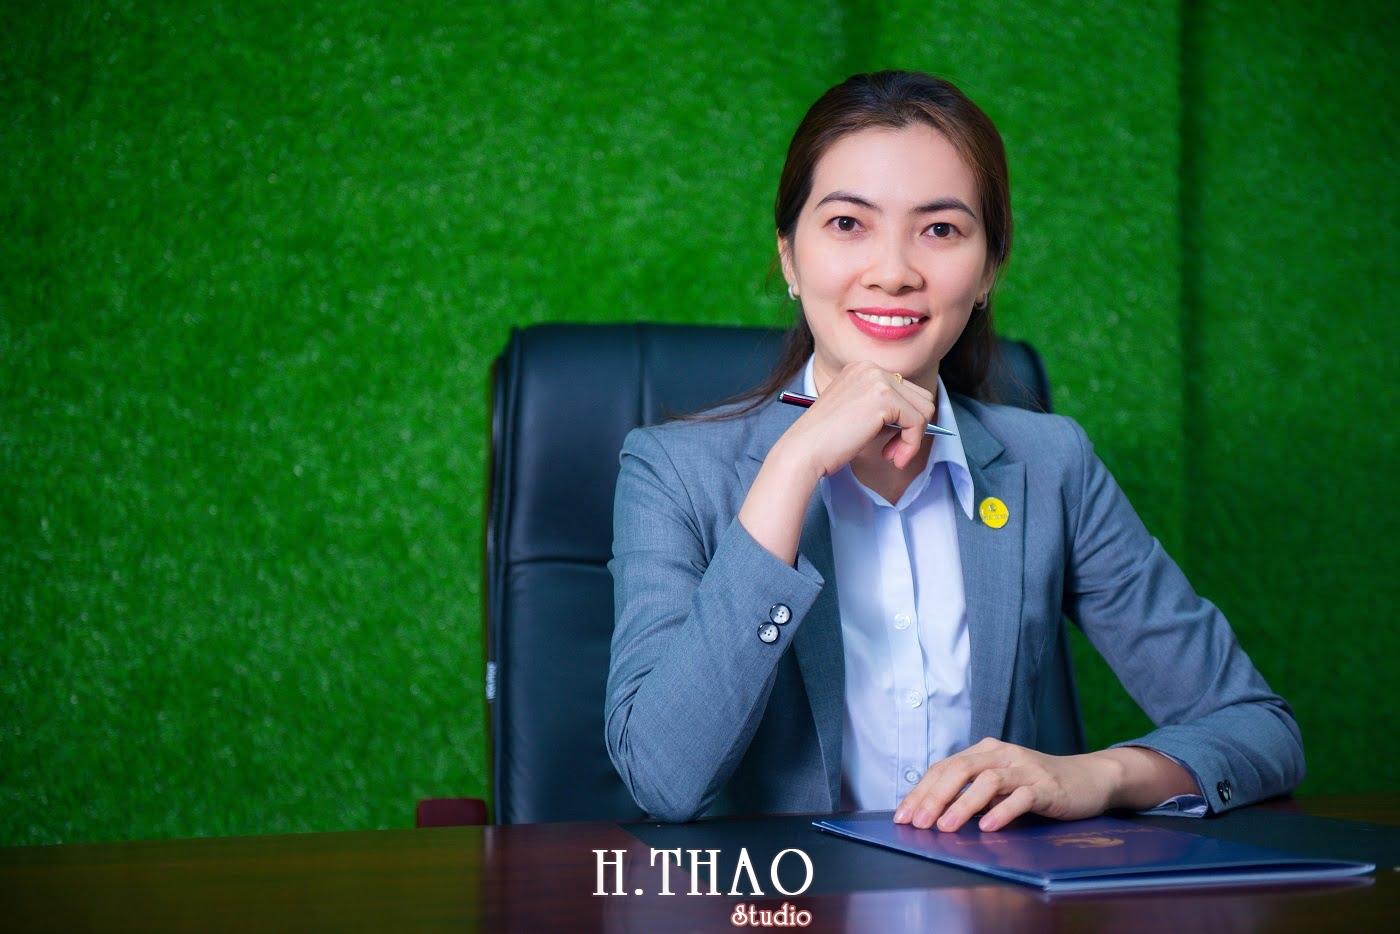 Phu Hung Land 15 - Album ảnh profile nhân sự công ty Phu Hung Land – HThao Studio